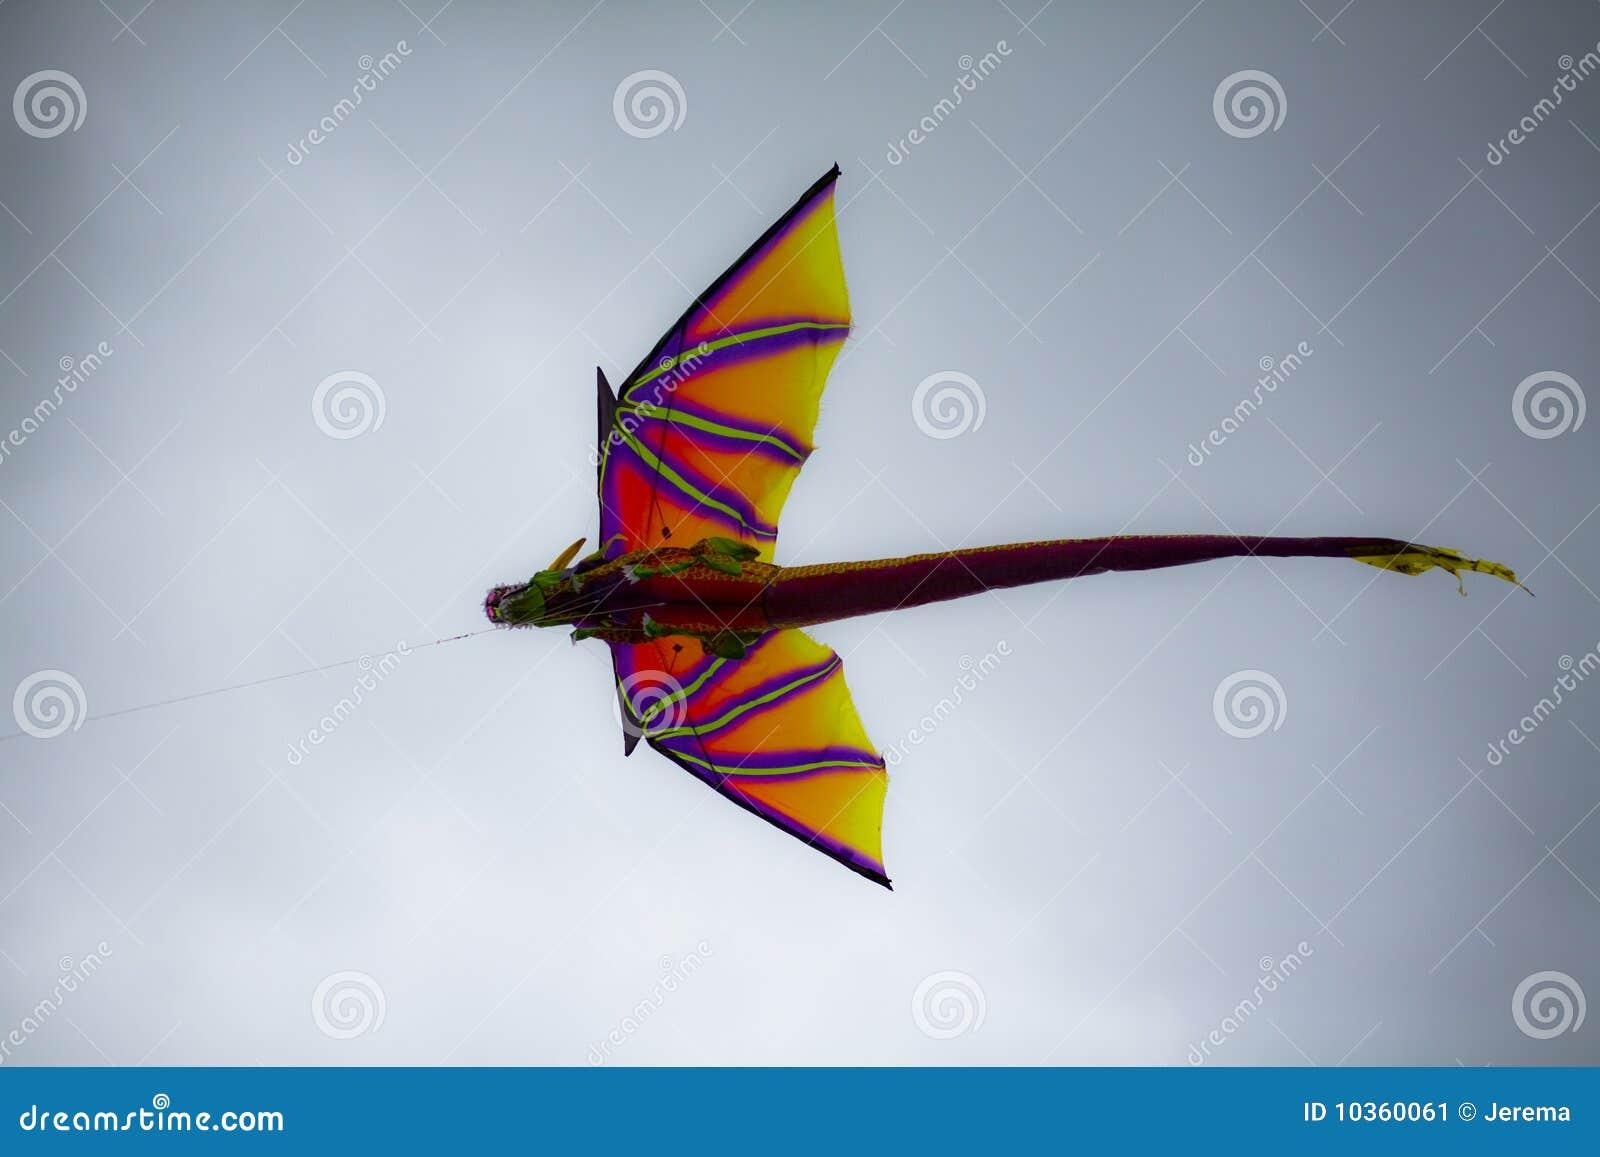 cerf volant de dragon image stock image 10360061. Black Bedroom Furniture Sets. Home Design Ideas